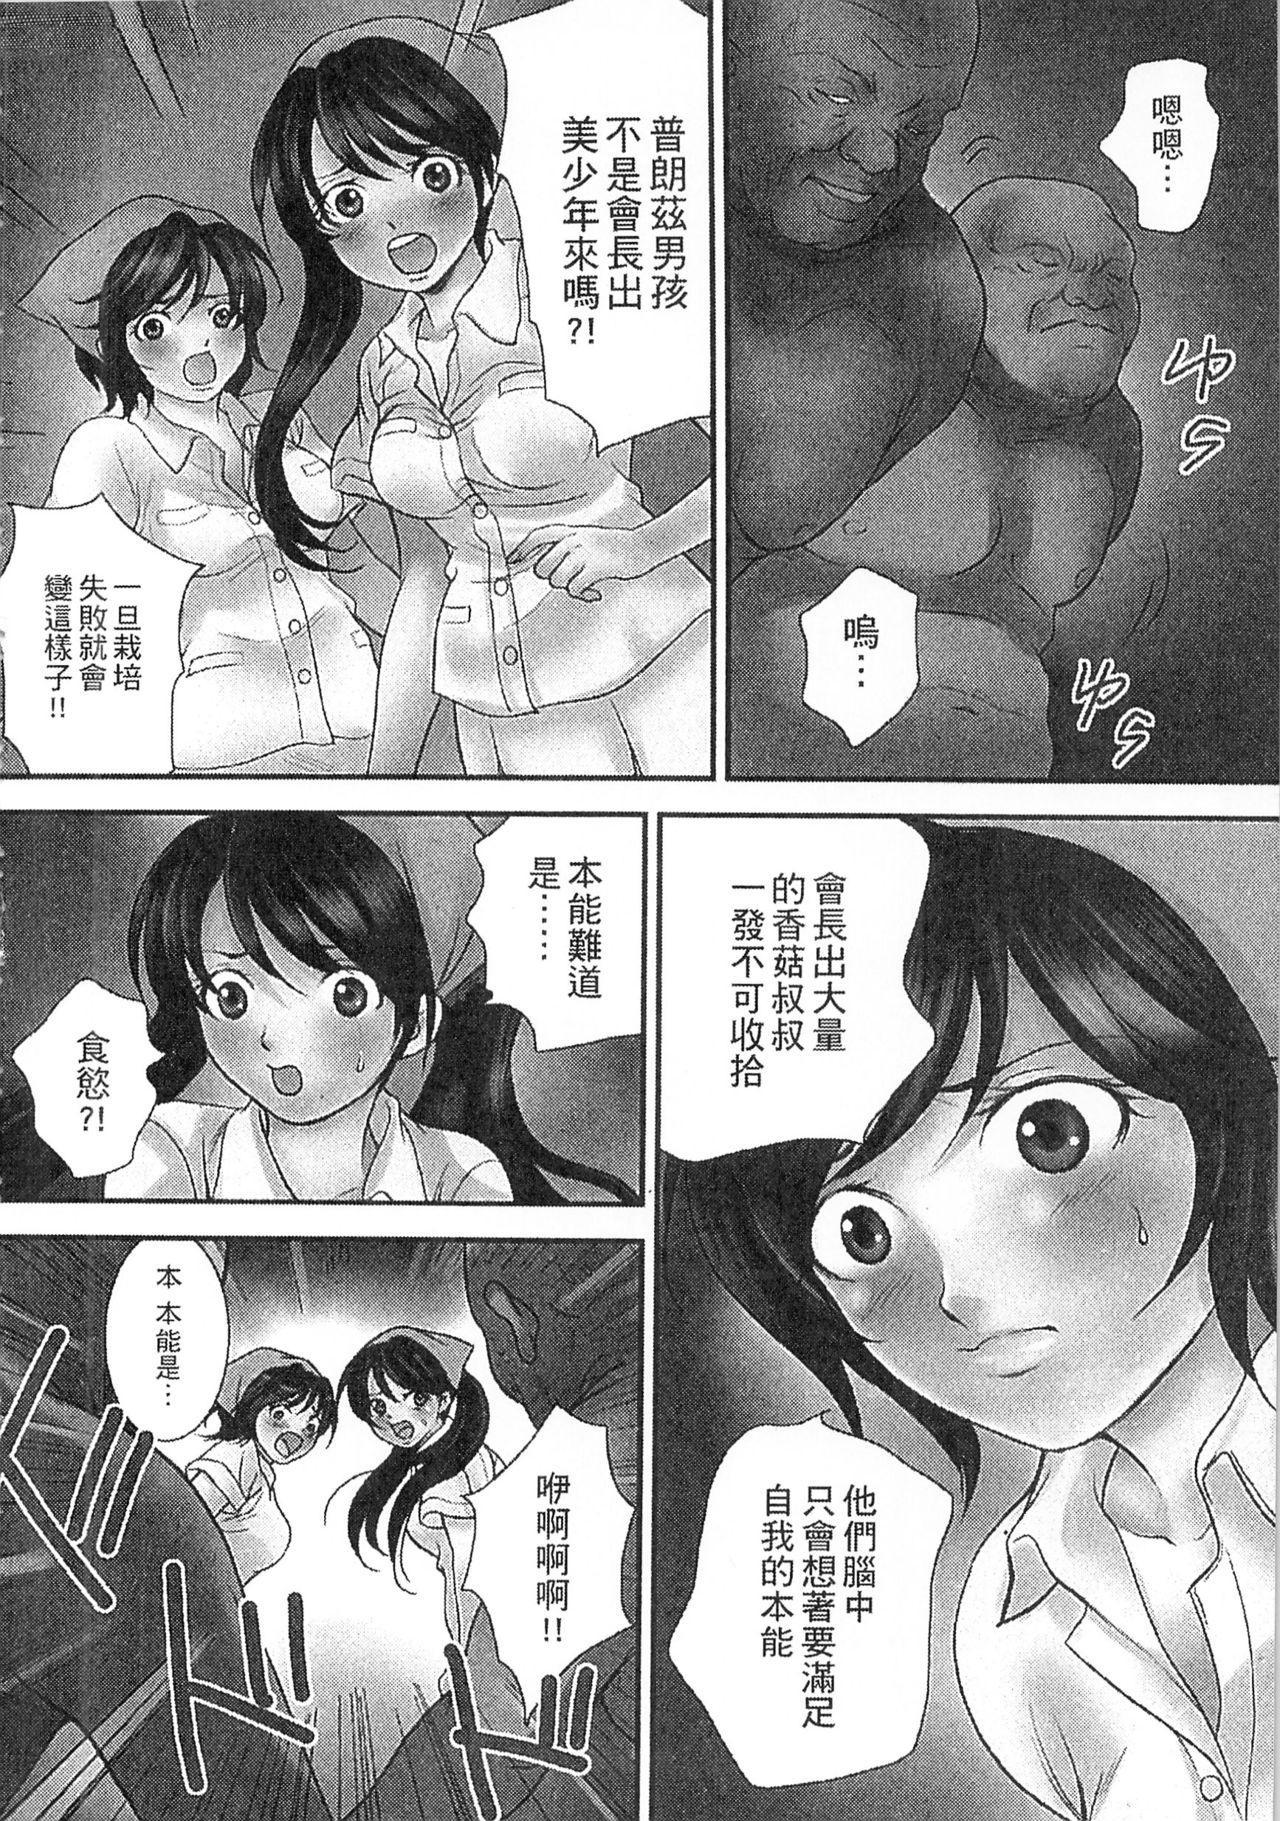 Zetsurin! Kinoko Oyaji 71